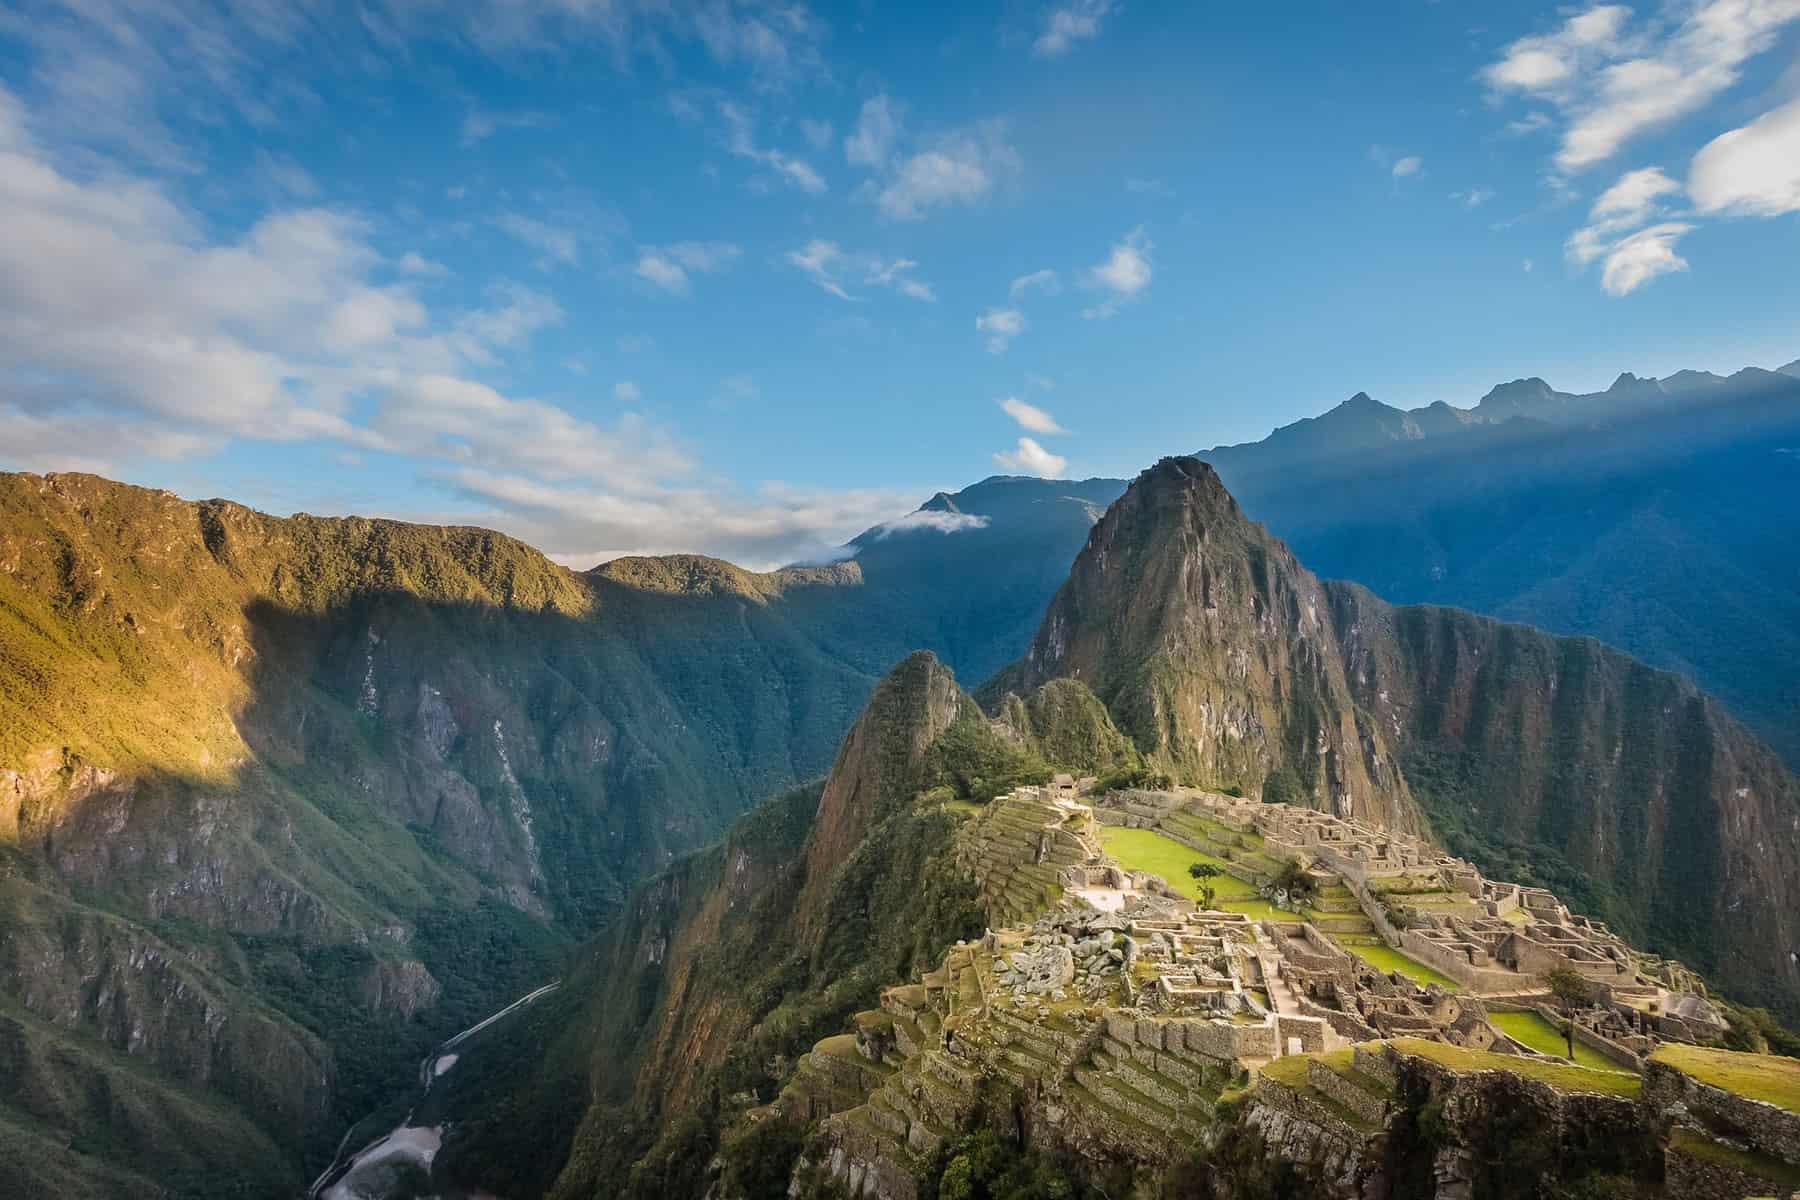 Hikes to Machu Picchu